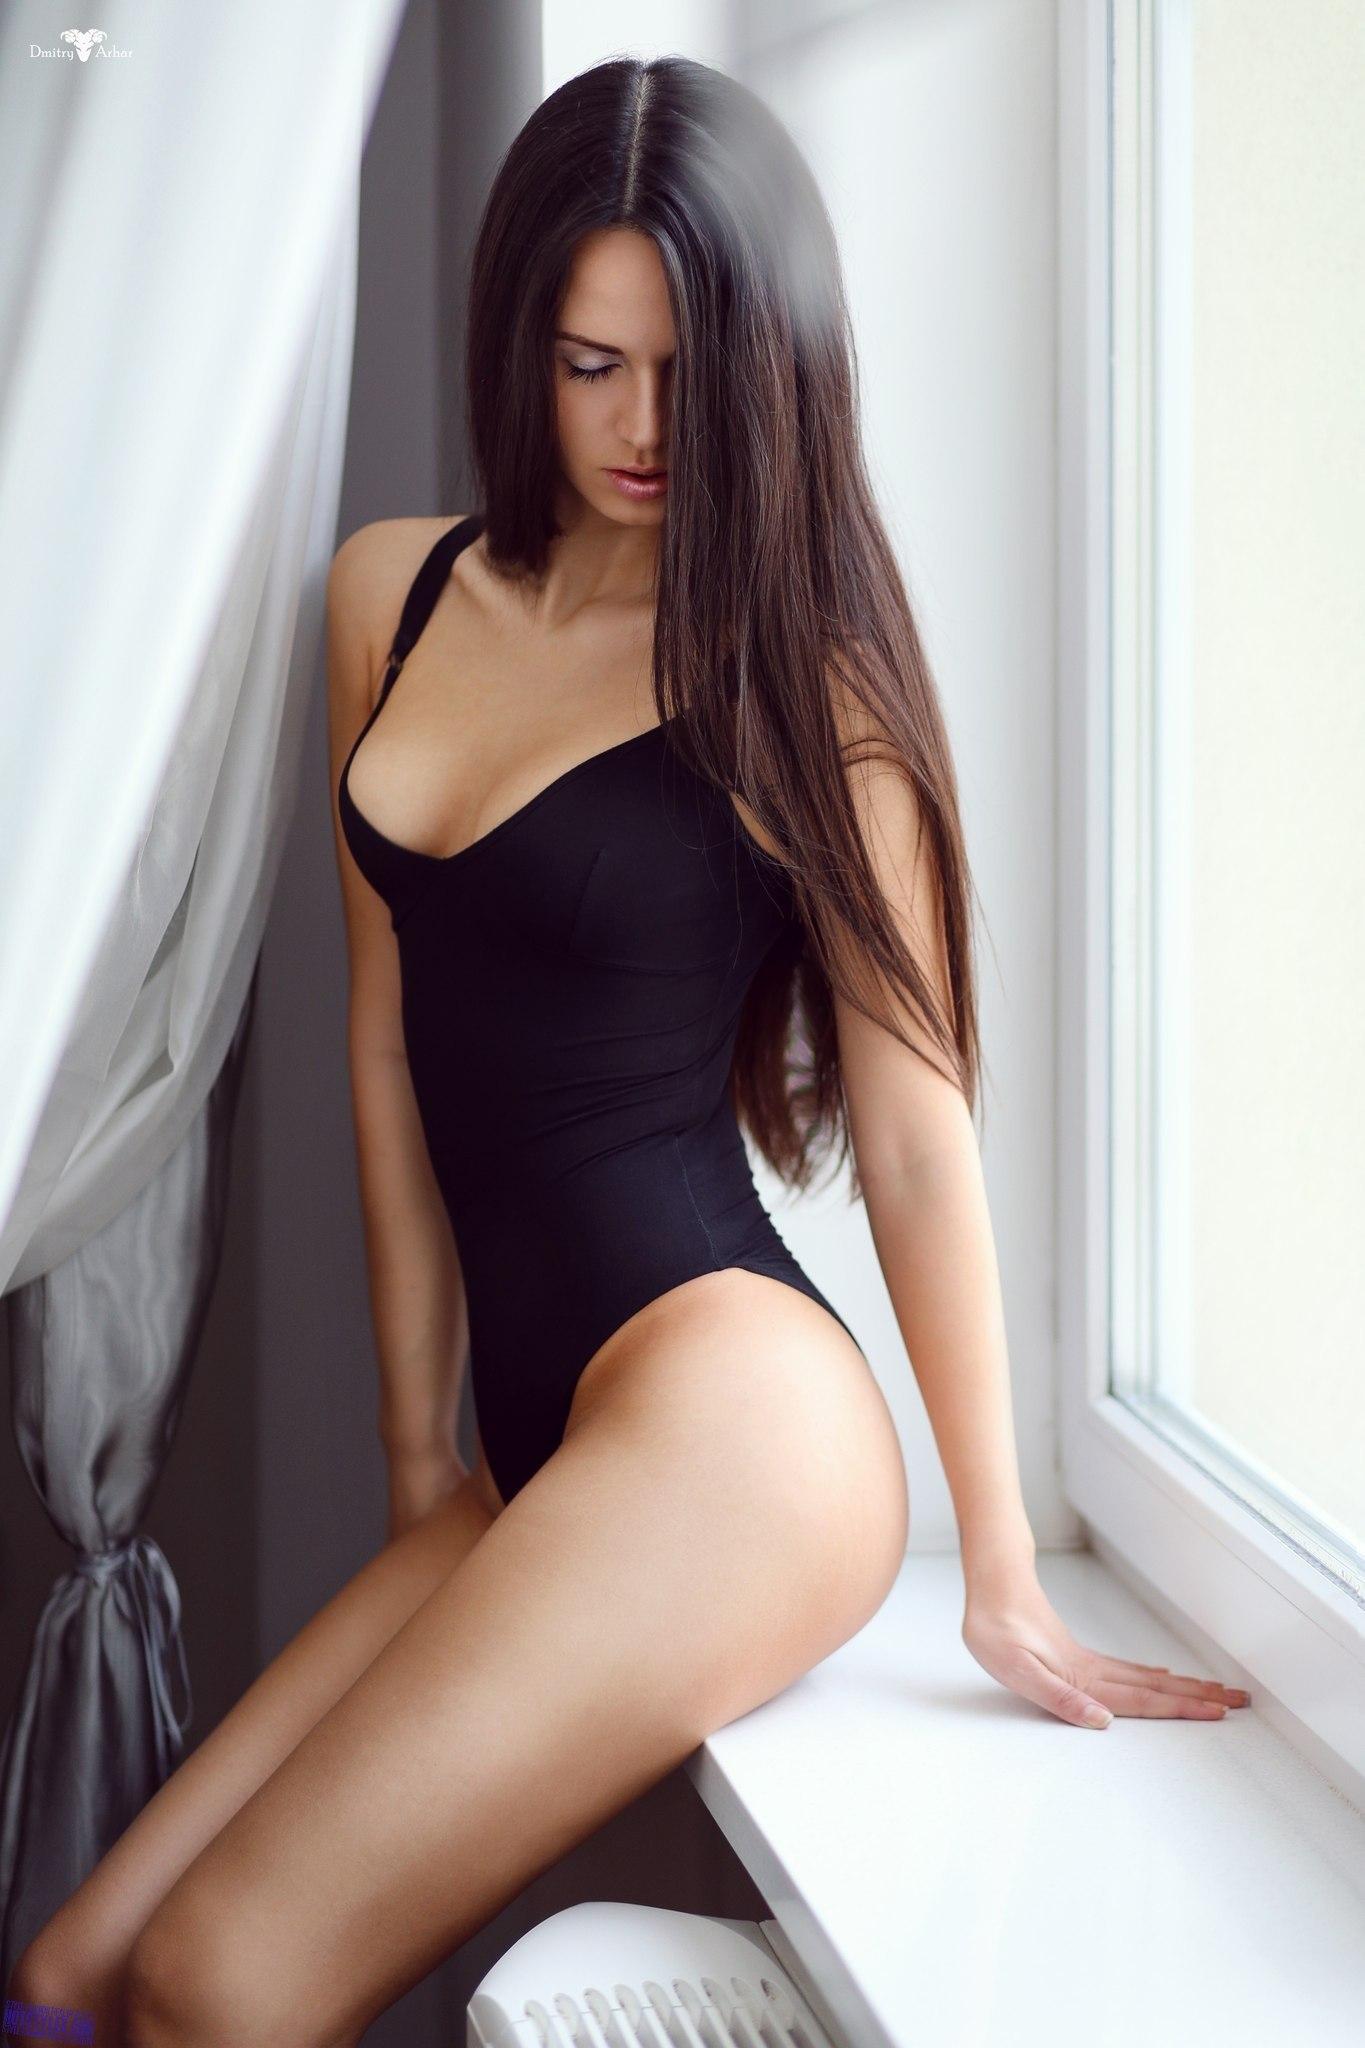 Телефон девушек екатеринбурга 4 фотография